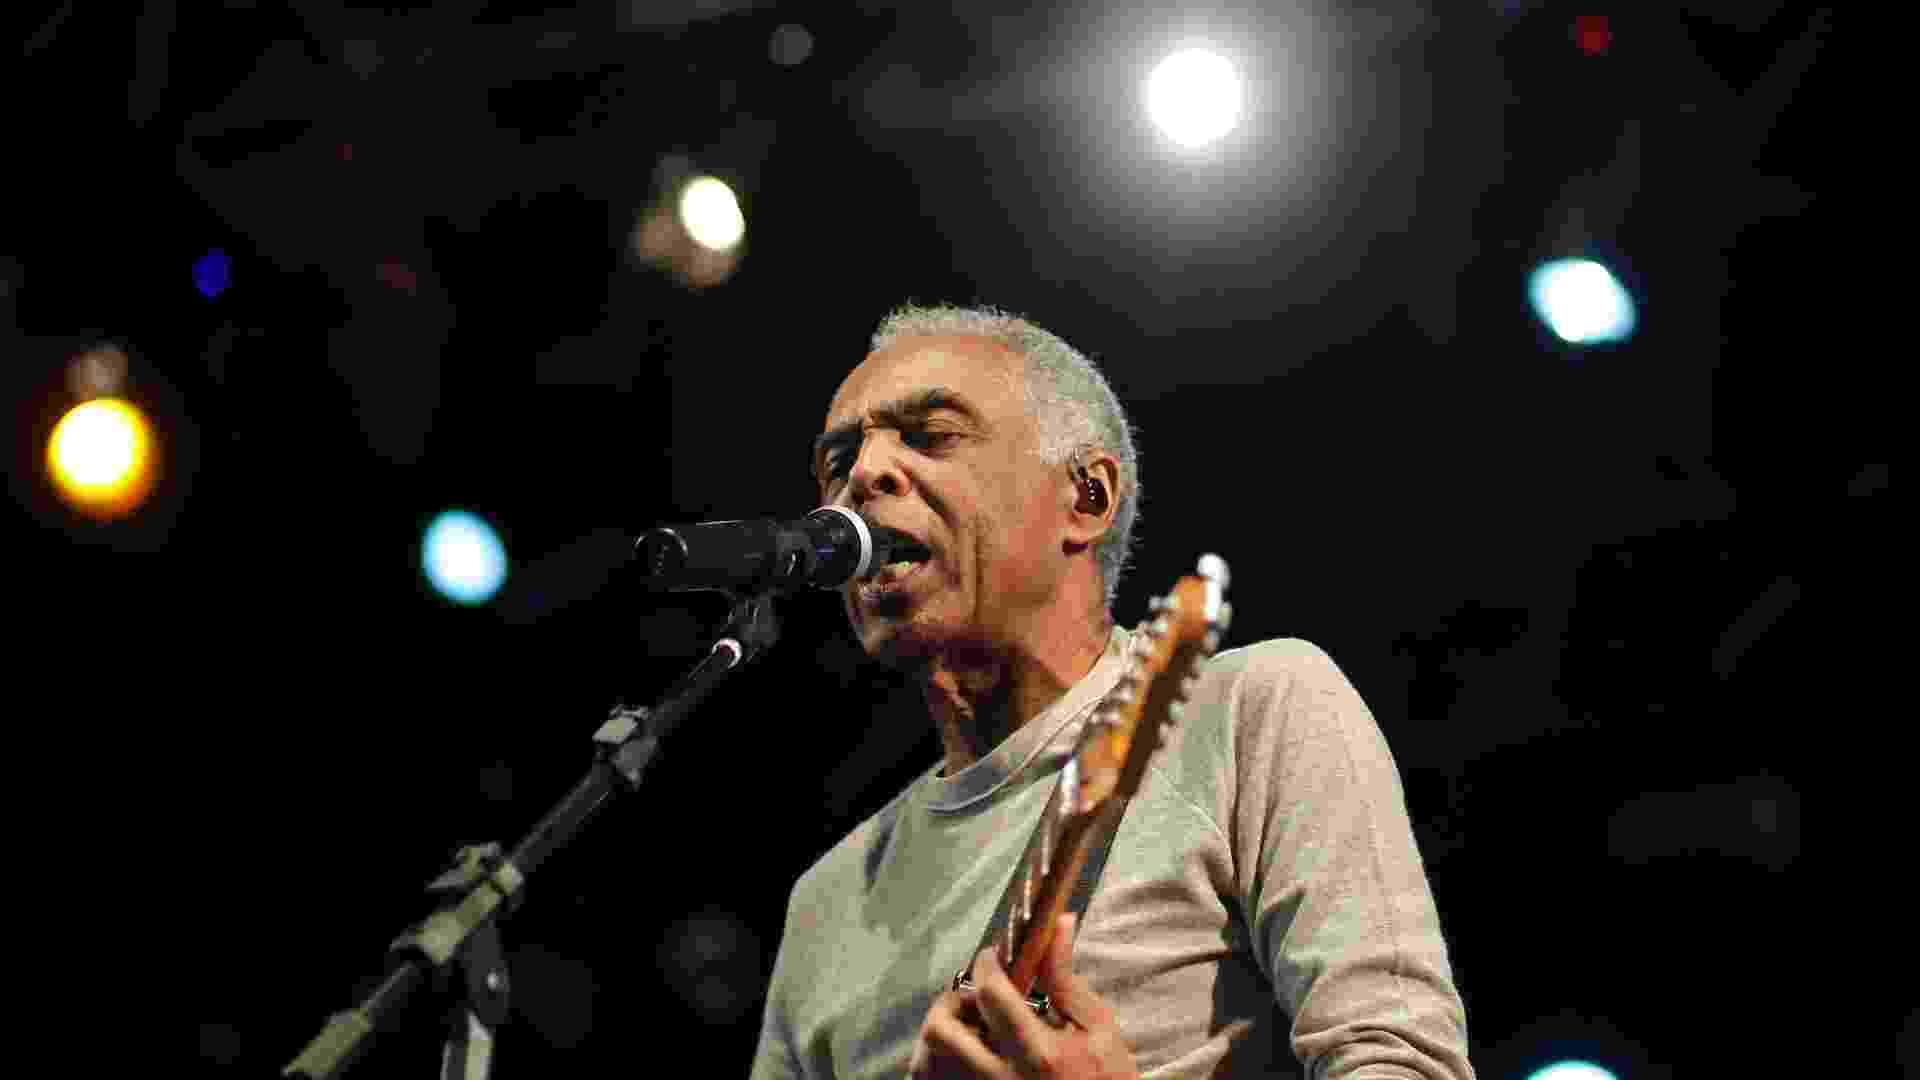 Gilberto Gil encerra a Virada Cultural com apresentação no palco Júlio Prestes, decicado a música negra (6/5/12) - Leandro Moraes/UOL